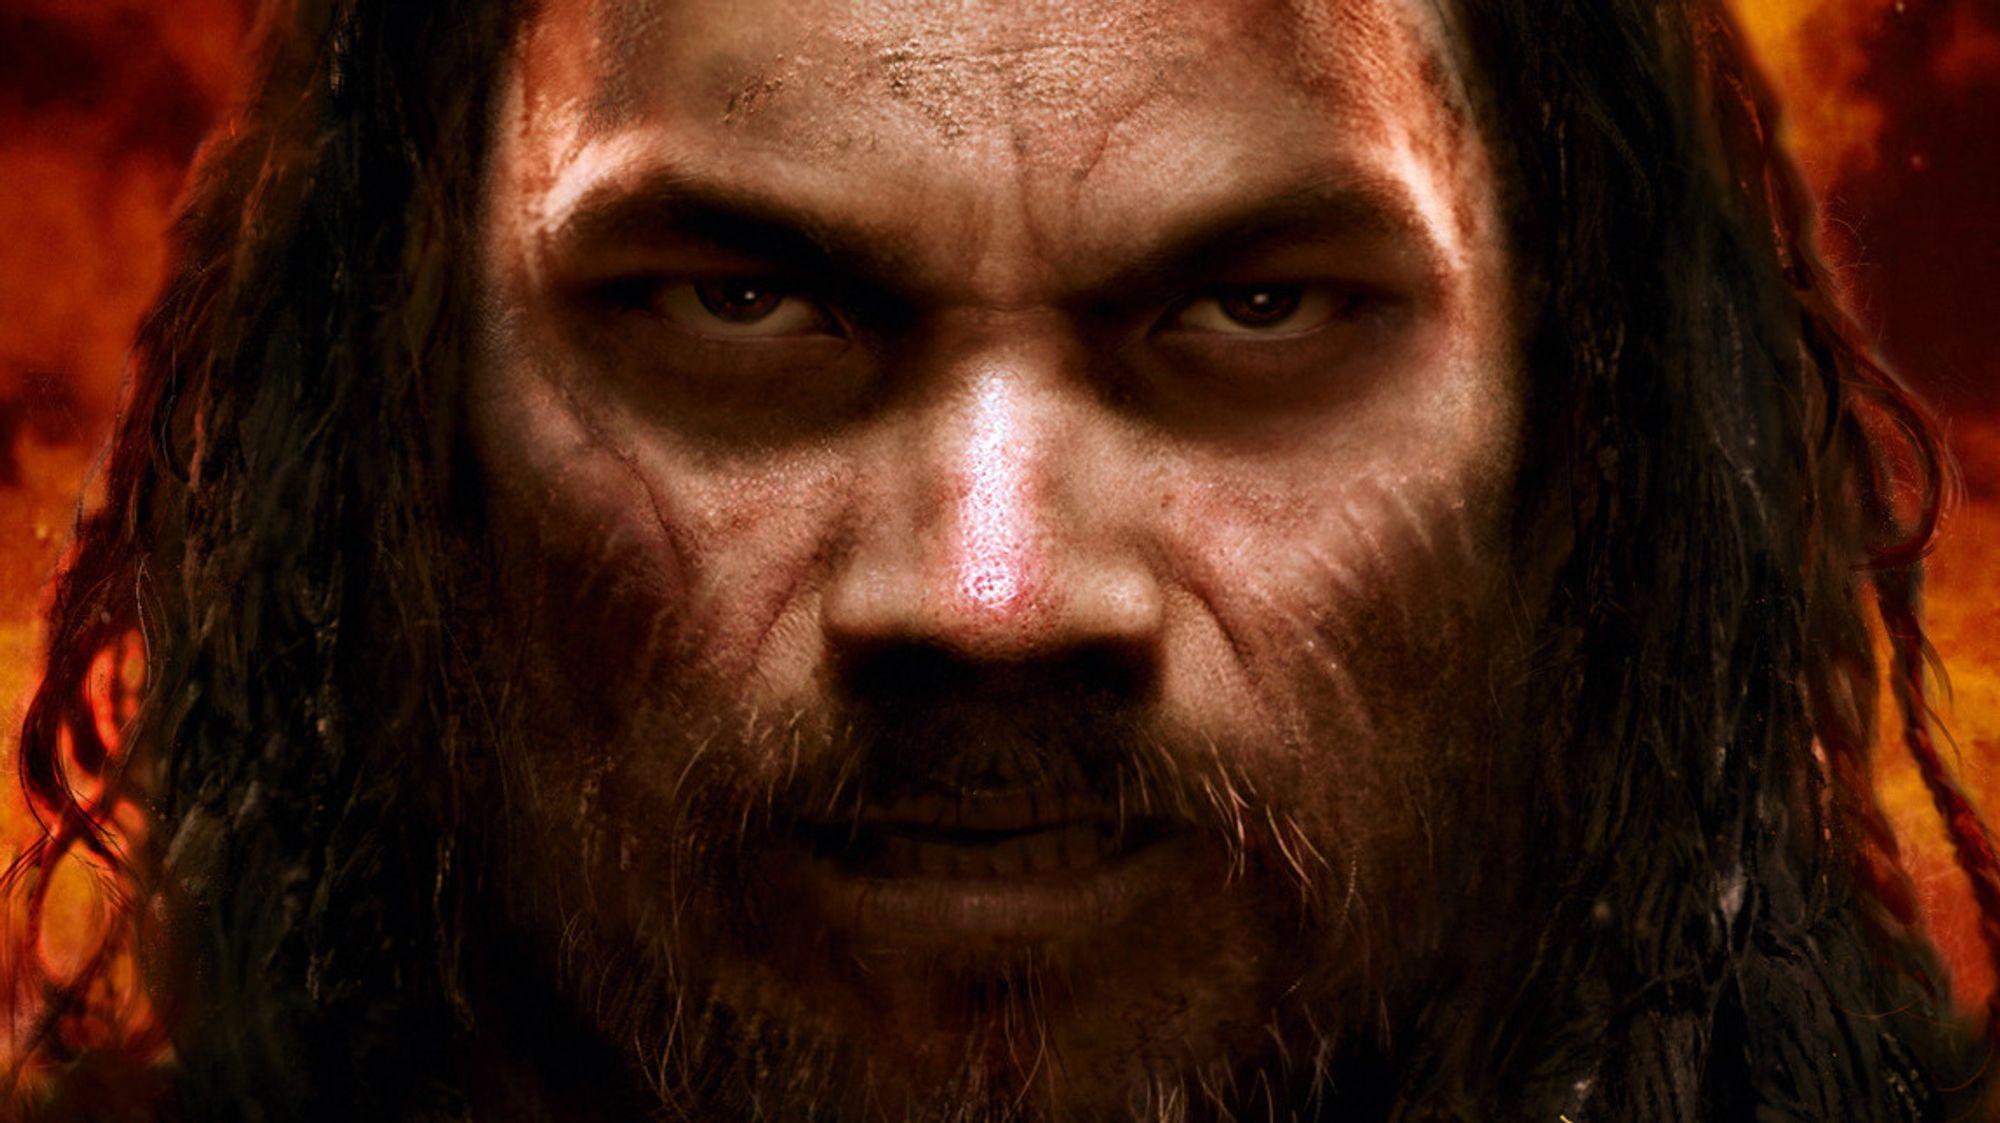 Les Total War: Attila har fått dato